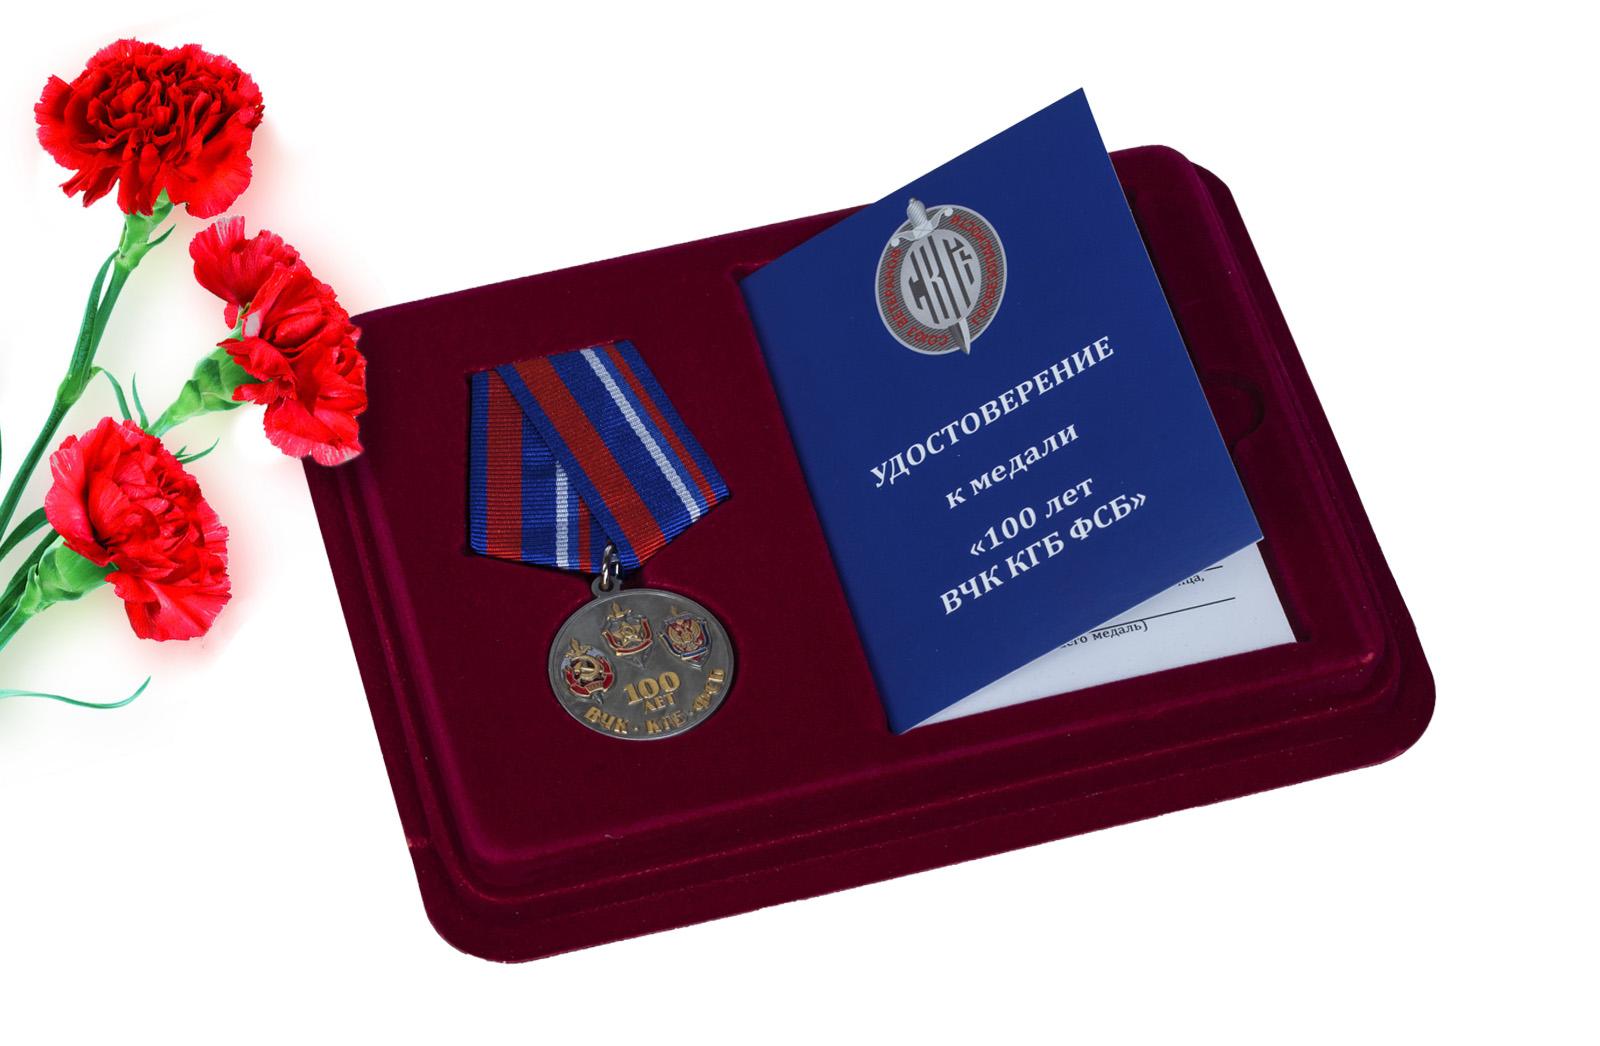 Купить юбилейные медали по лучшей цене